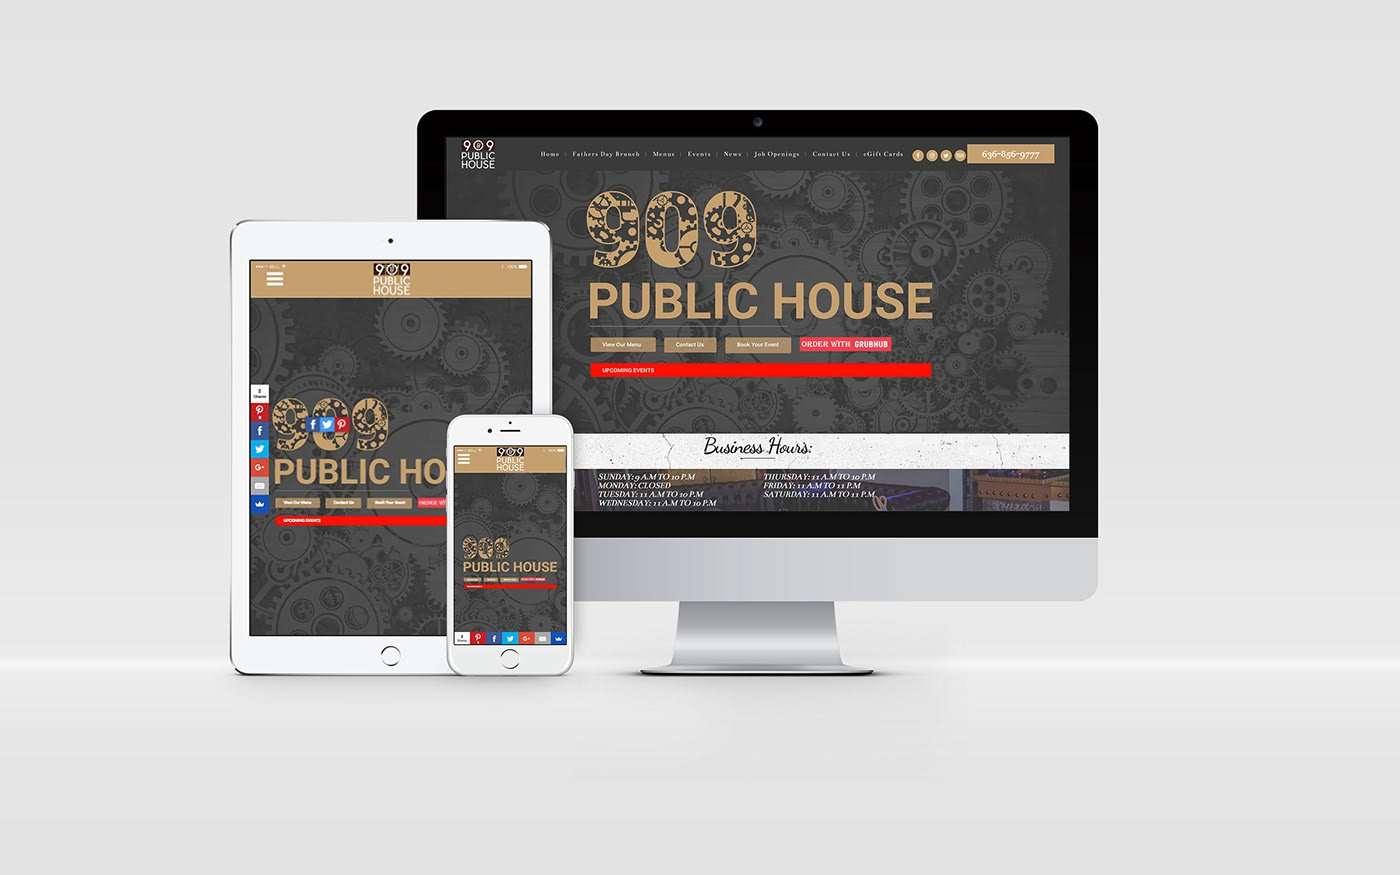 909 public house web development st louis